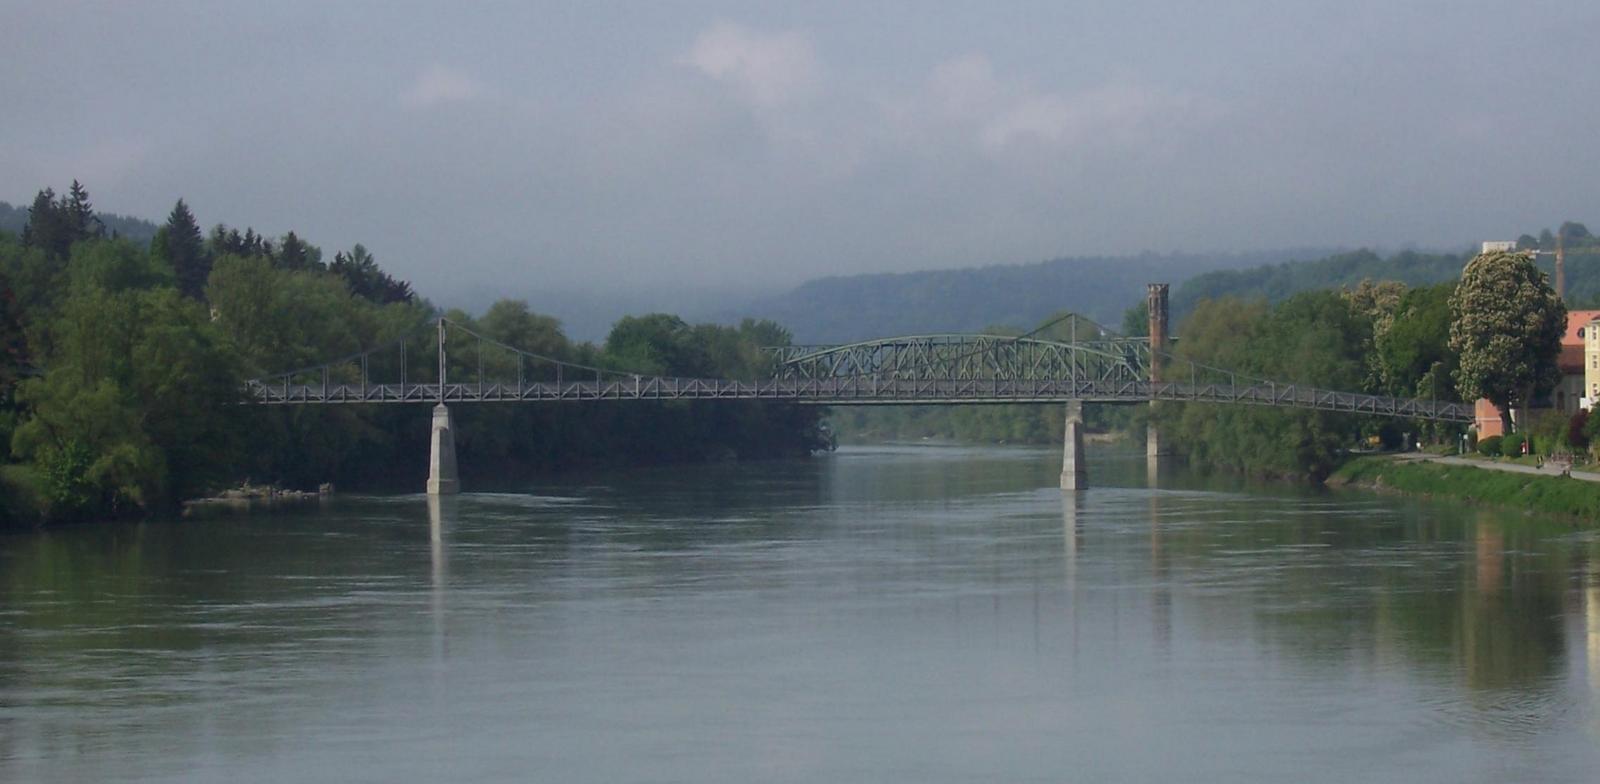 Eisenbahnbrücke über den Inn bei Passau